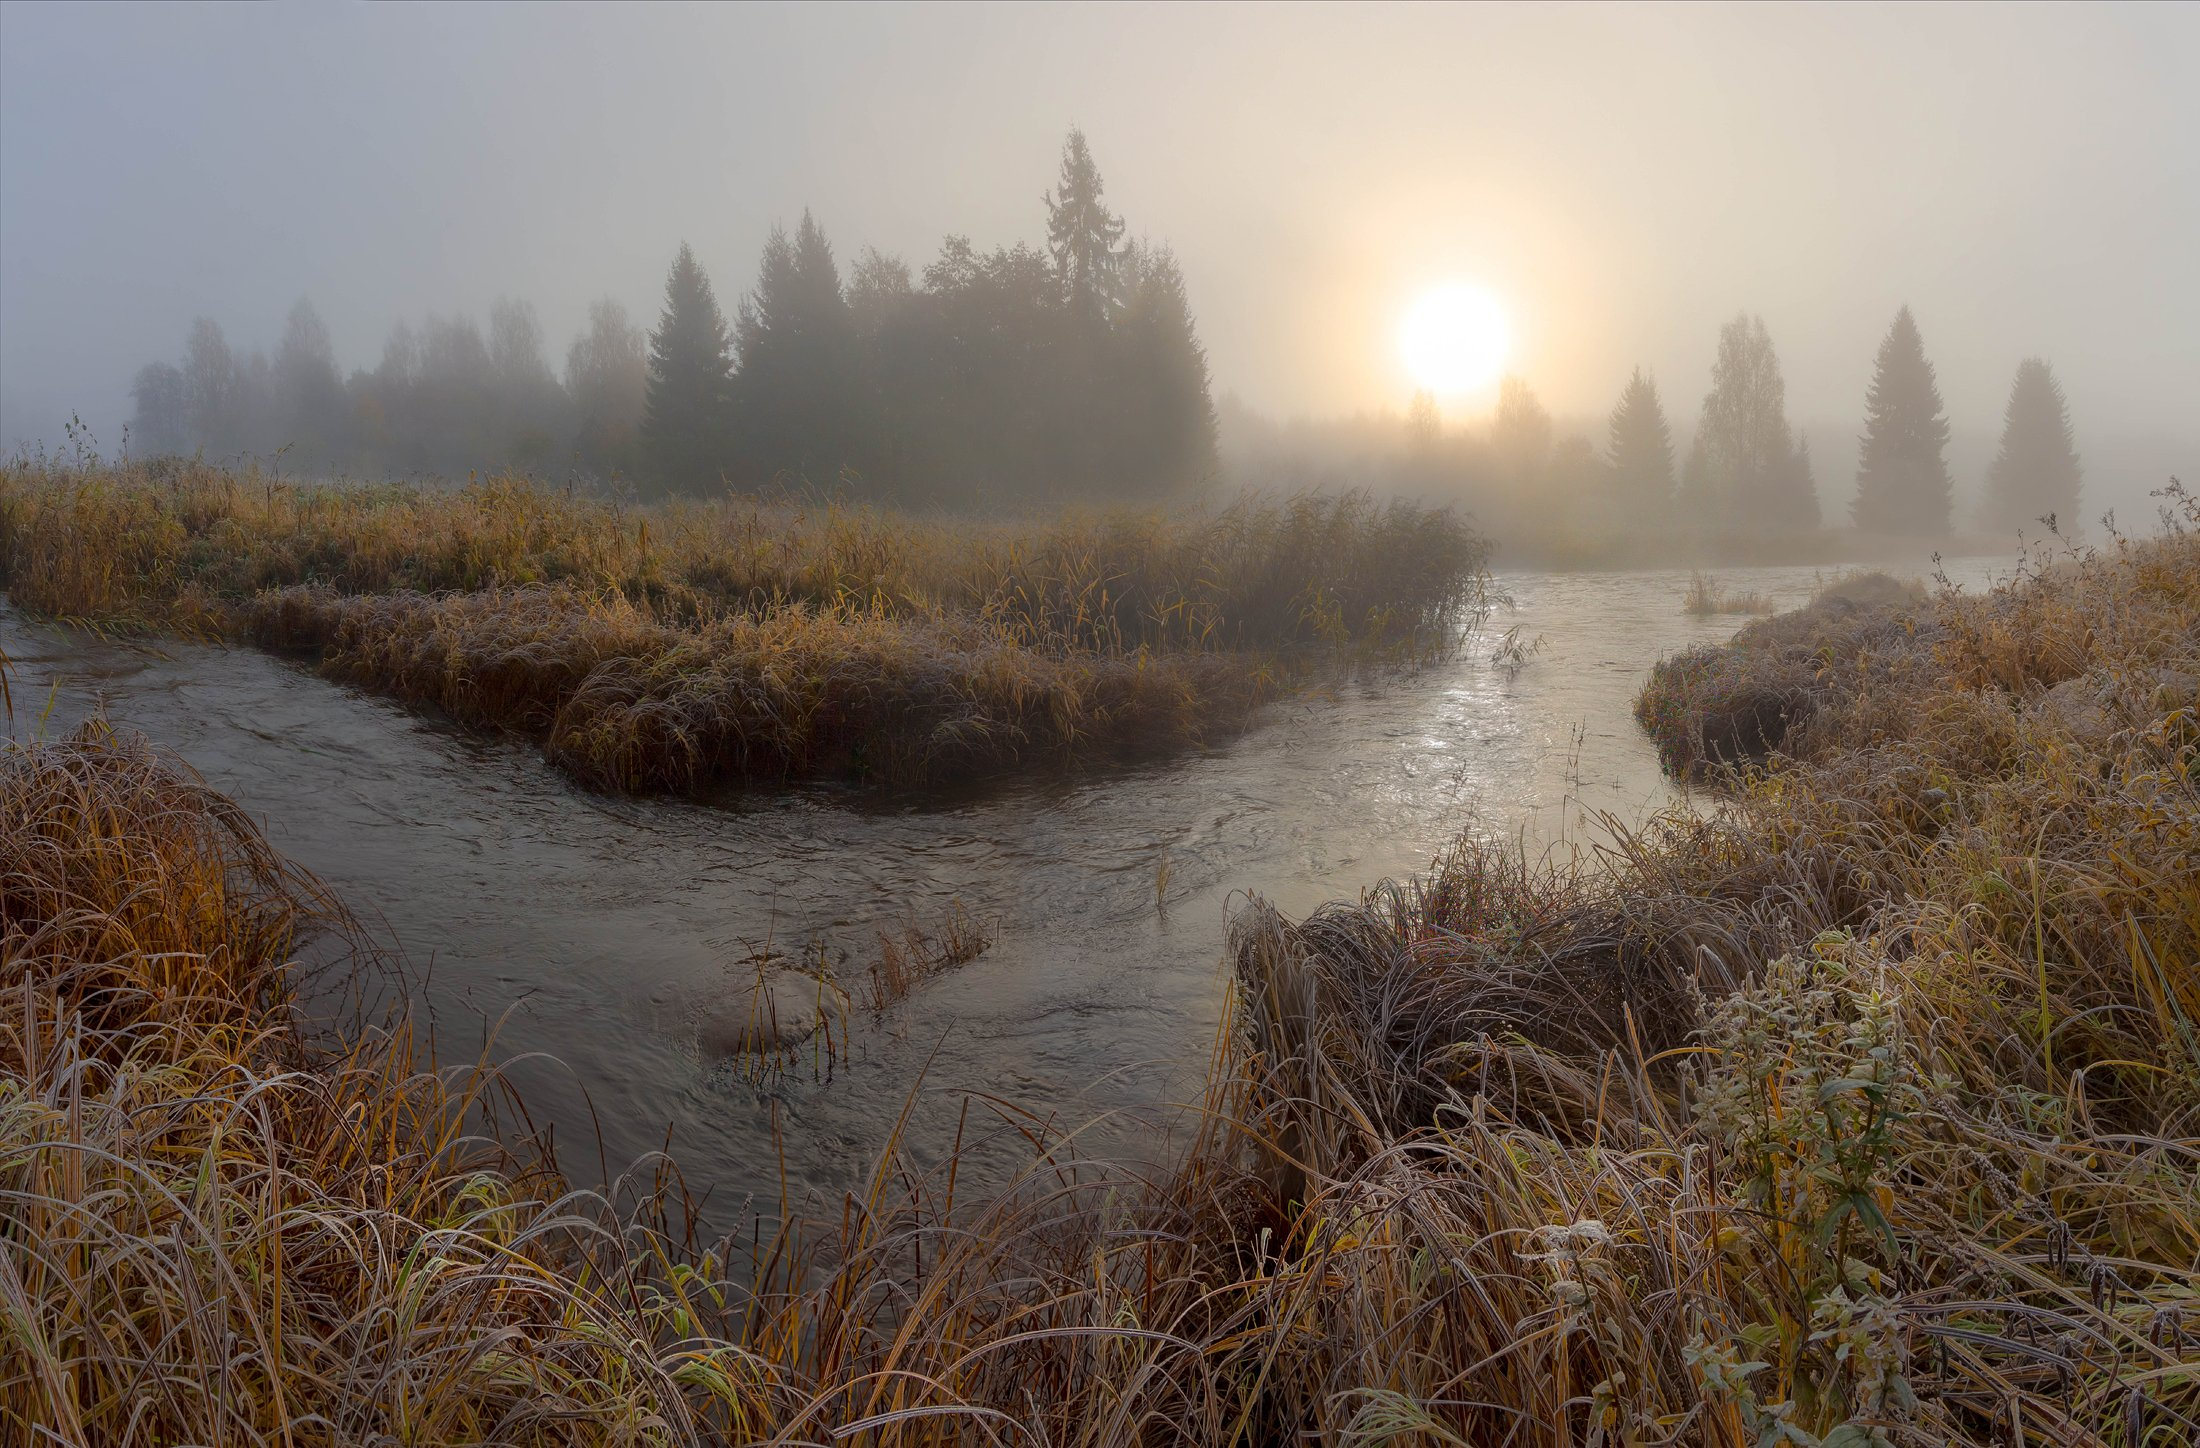 болото, рассвет ,туман, Vaschenkov Pavel